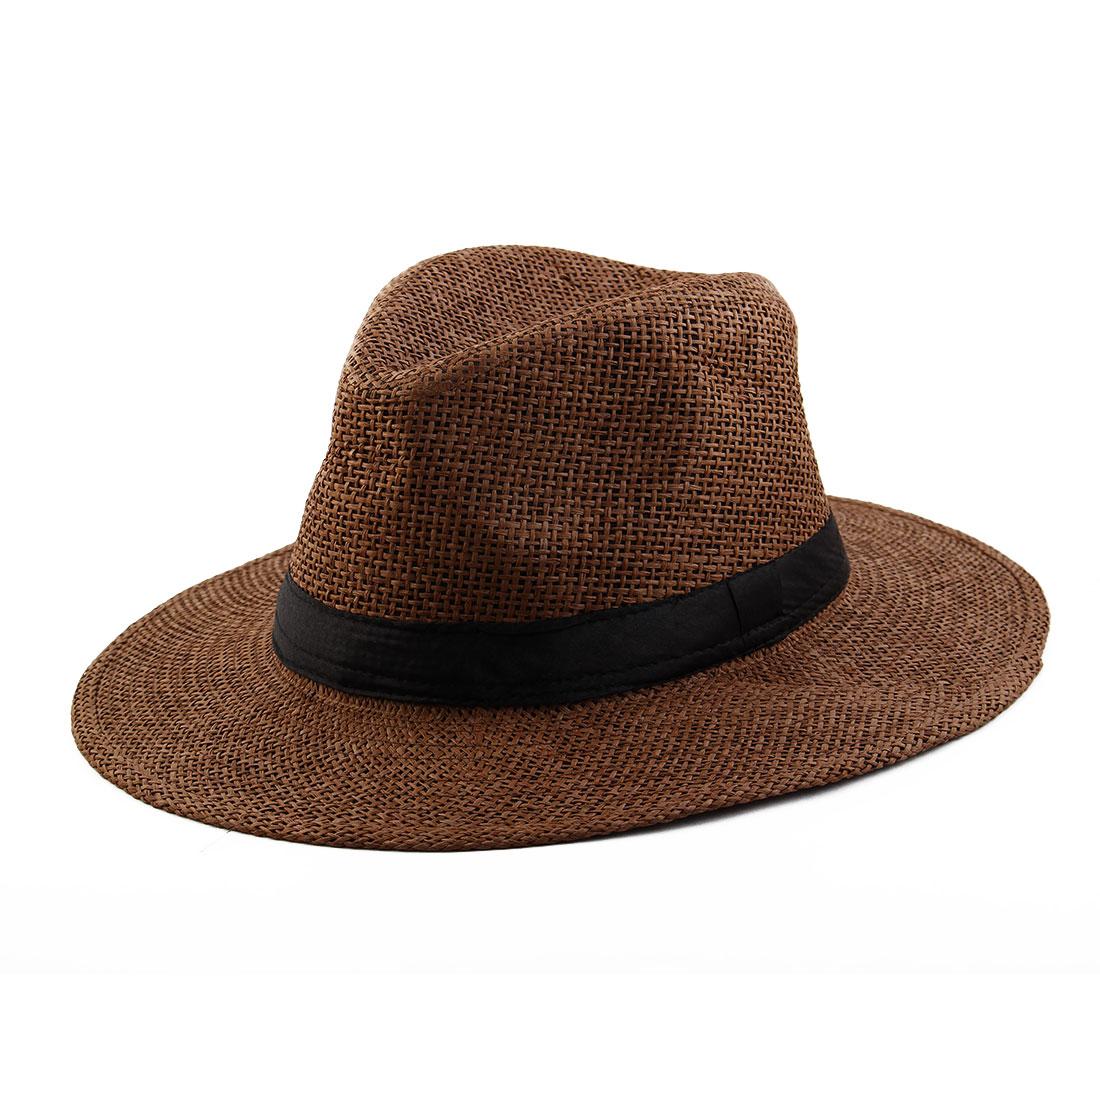 Summer Straw Braid Wide Brim Western Style Beach Sunhat Cowboy Hat Coffee Color